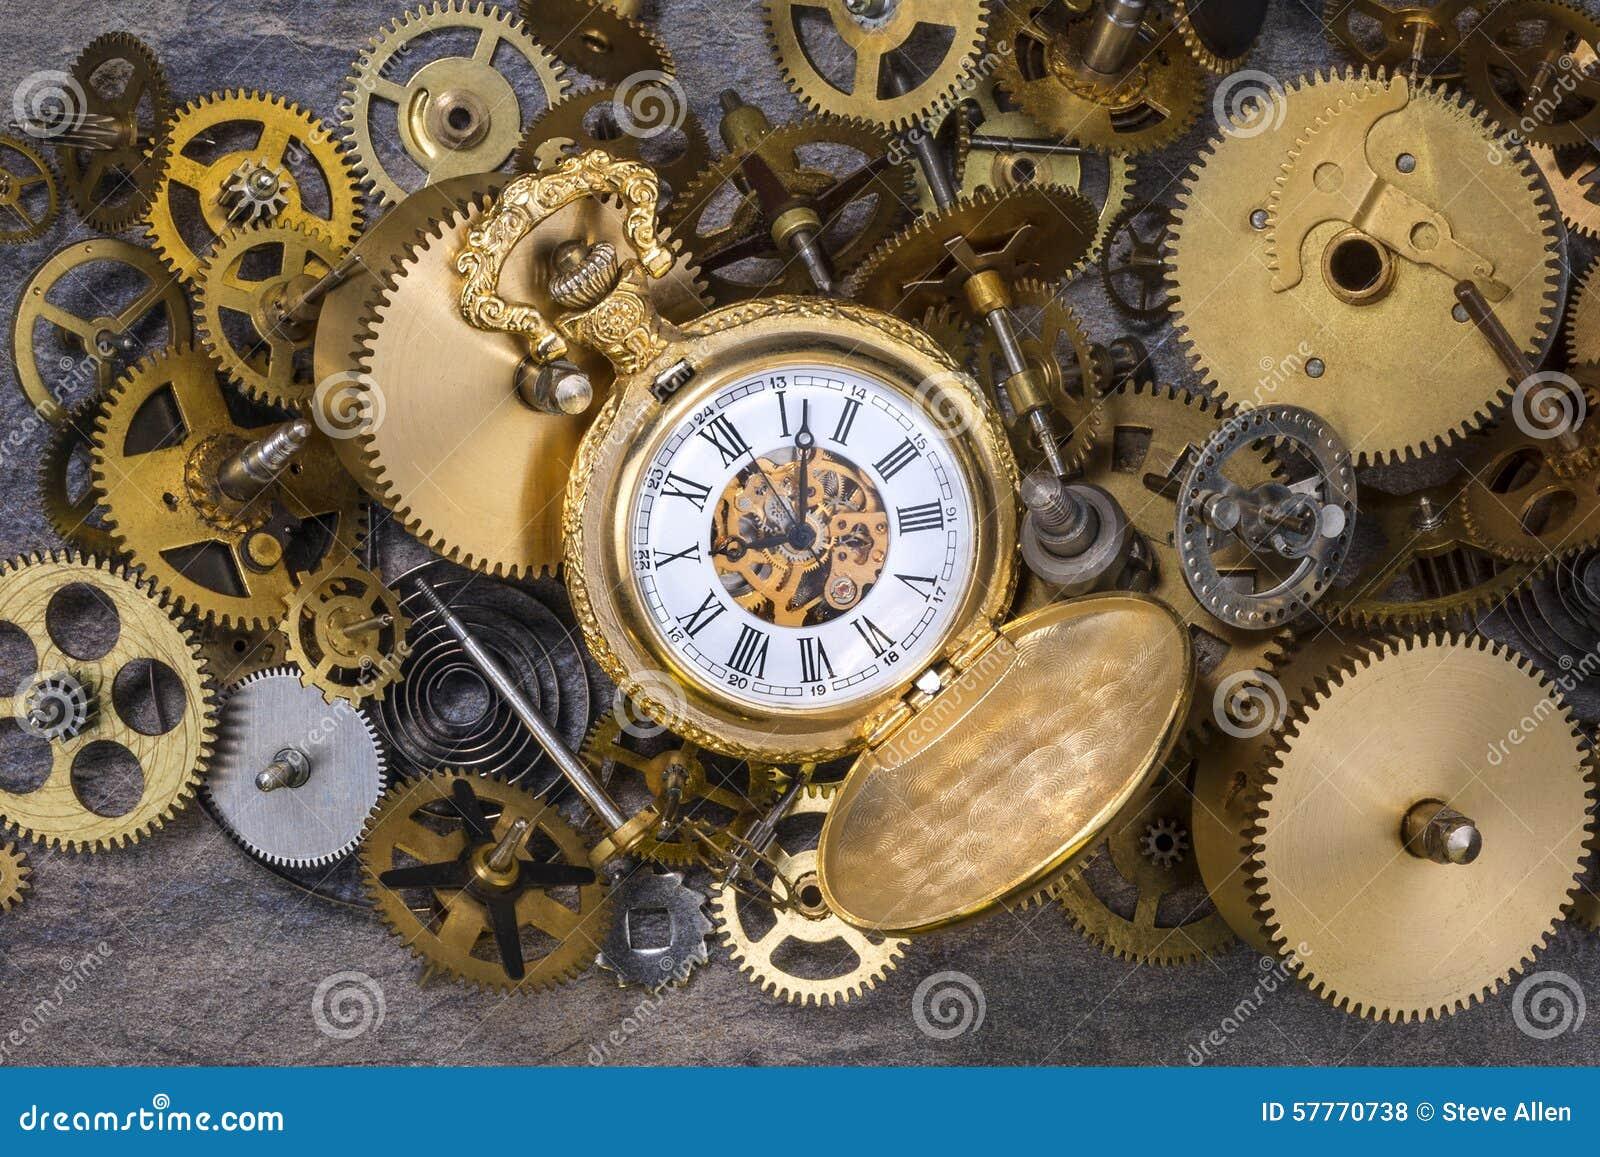 Карманный вахта и старые части часов - Cogs, шестерни, колеса